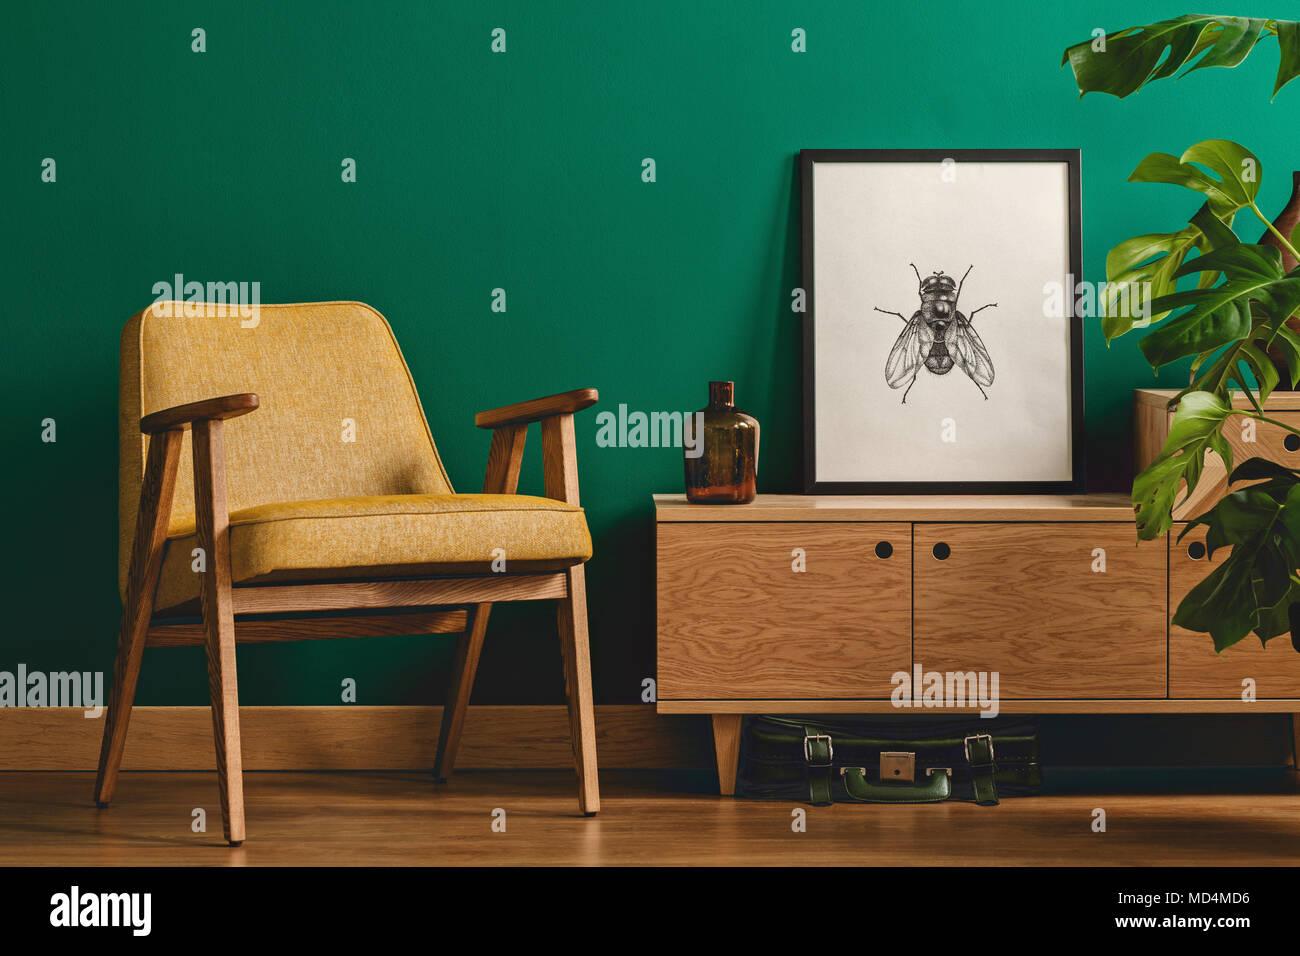 Gerahmte Bilder Wohnzimmer ~ Stilvoll minimalistisch wohnzimmer einrichtung mit einem gerahmten